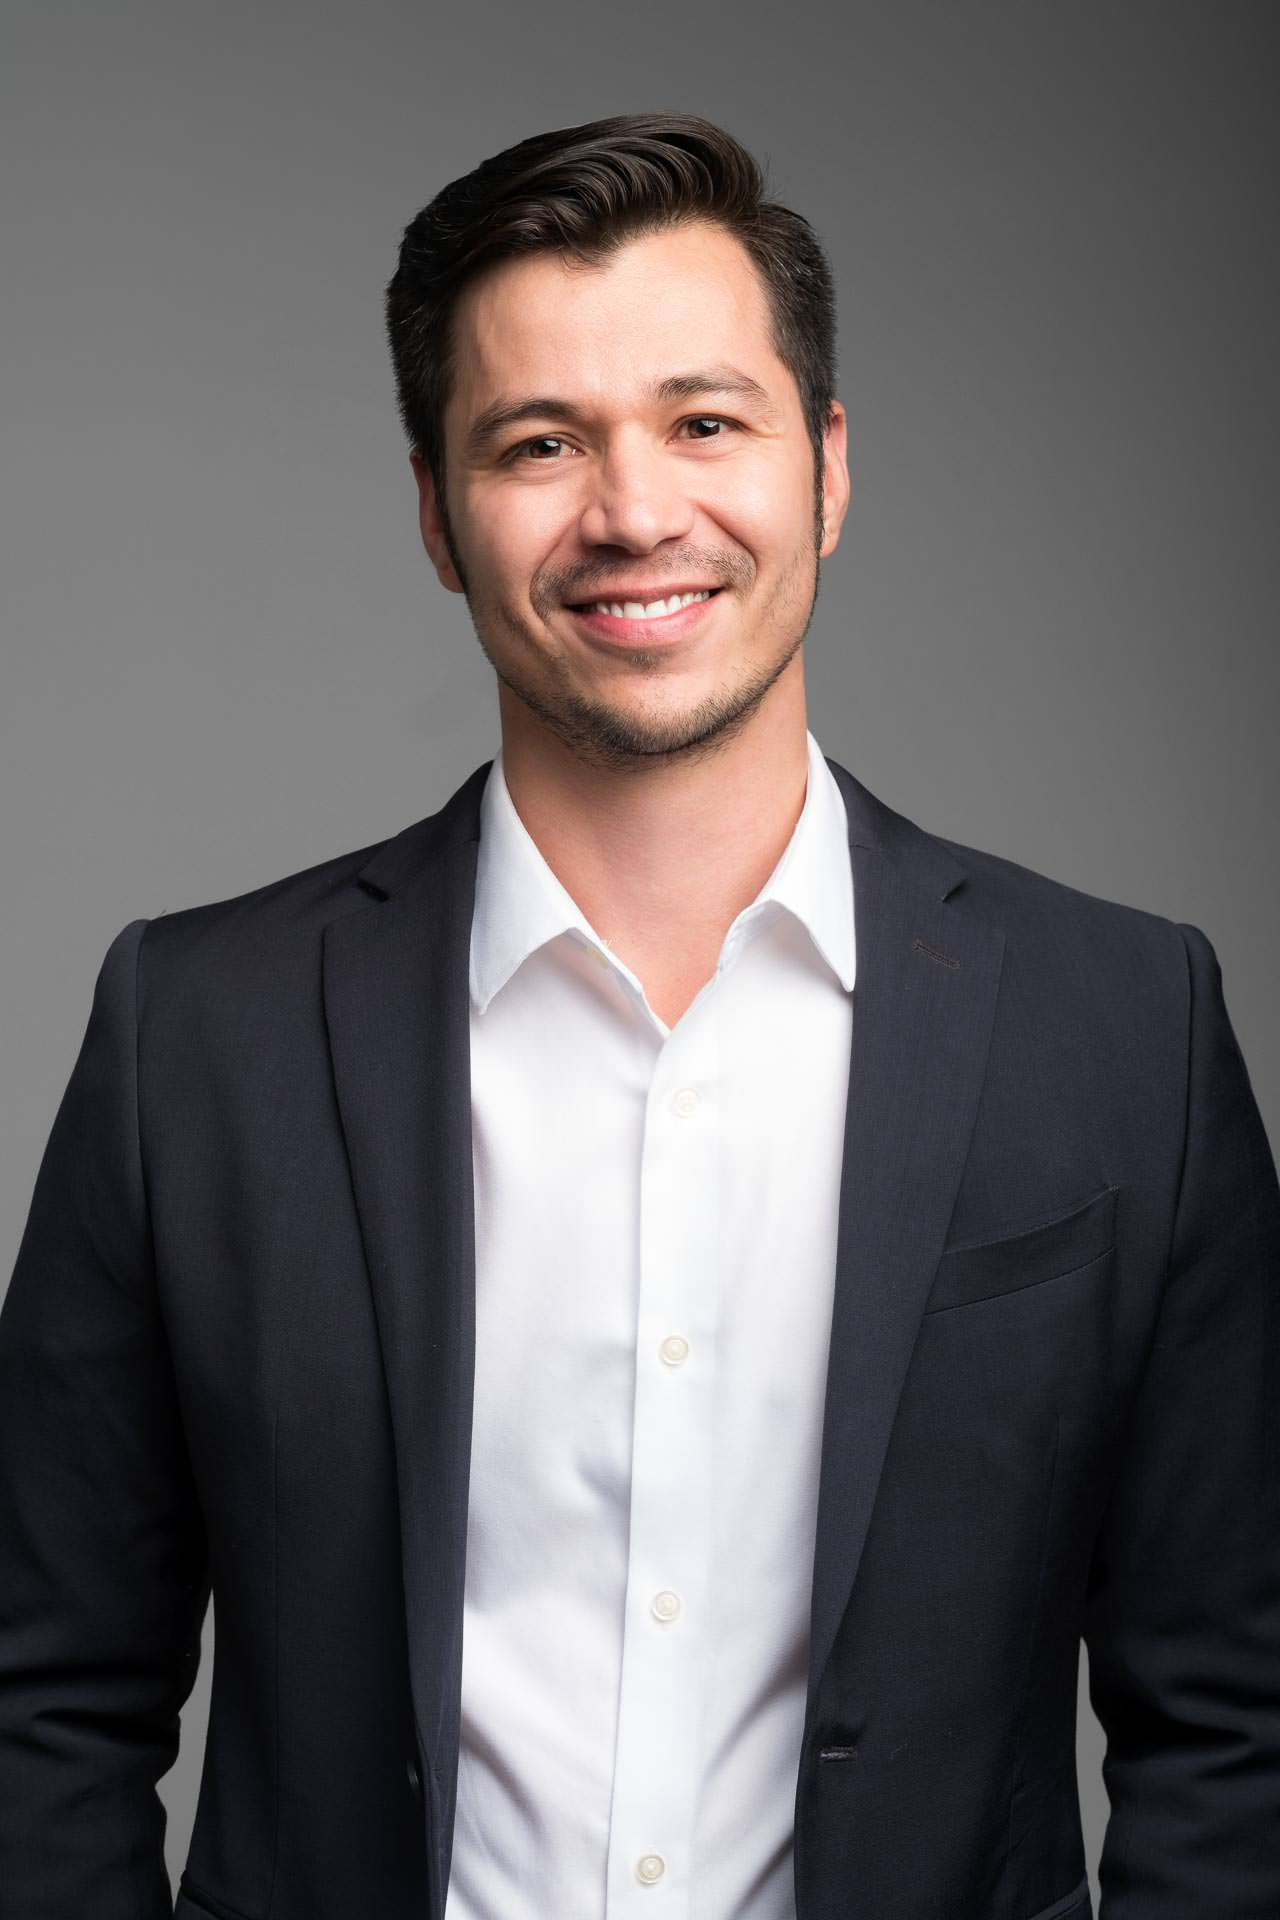 Gustavo Ortiz